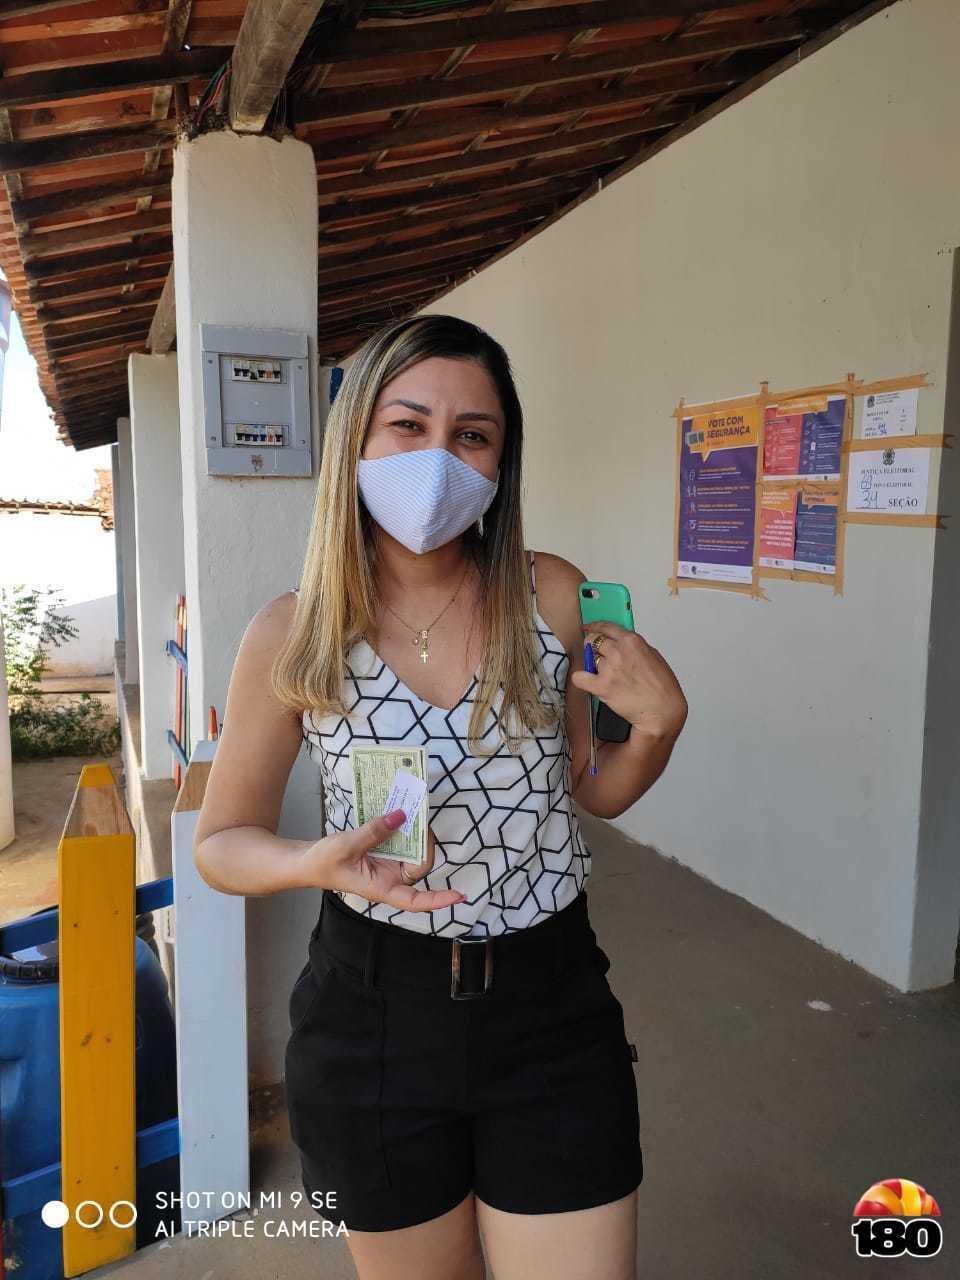 Como exemplo, a eleitora Flávia cumpriu todos os requisitos de uma eleição segura, de máscara e as mãos higienizadas, exerceu seu direito ao voto.